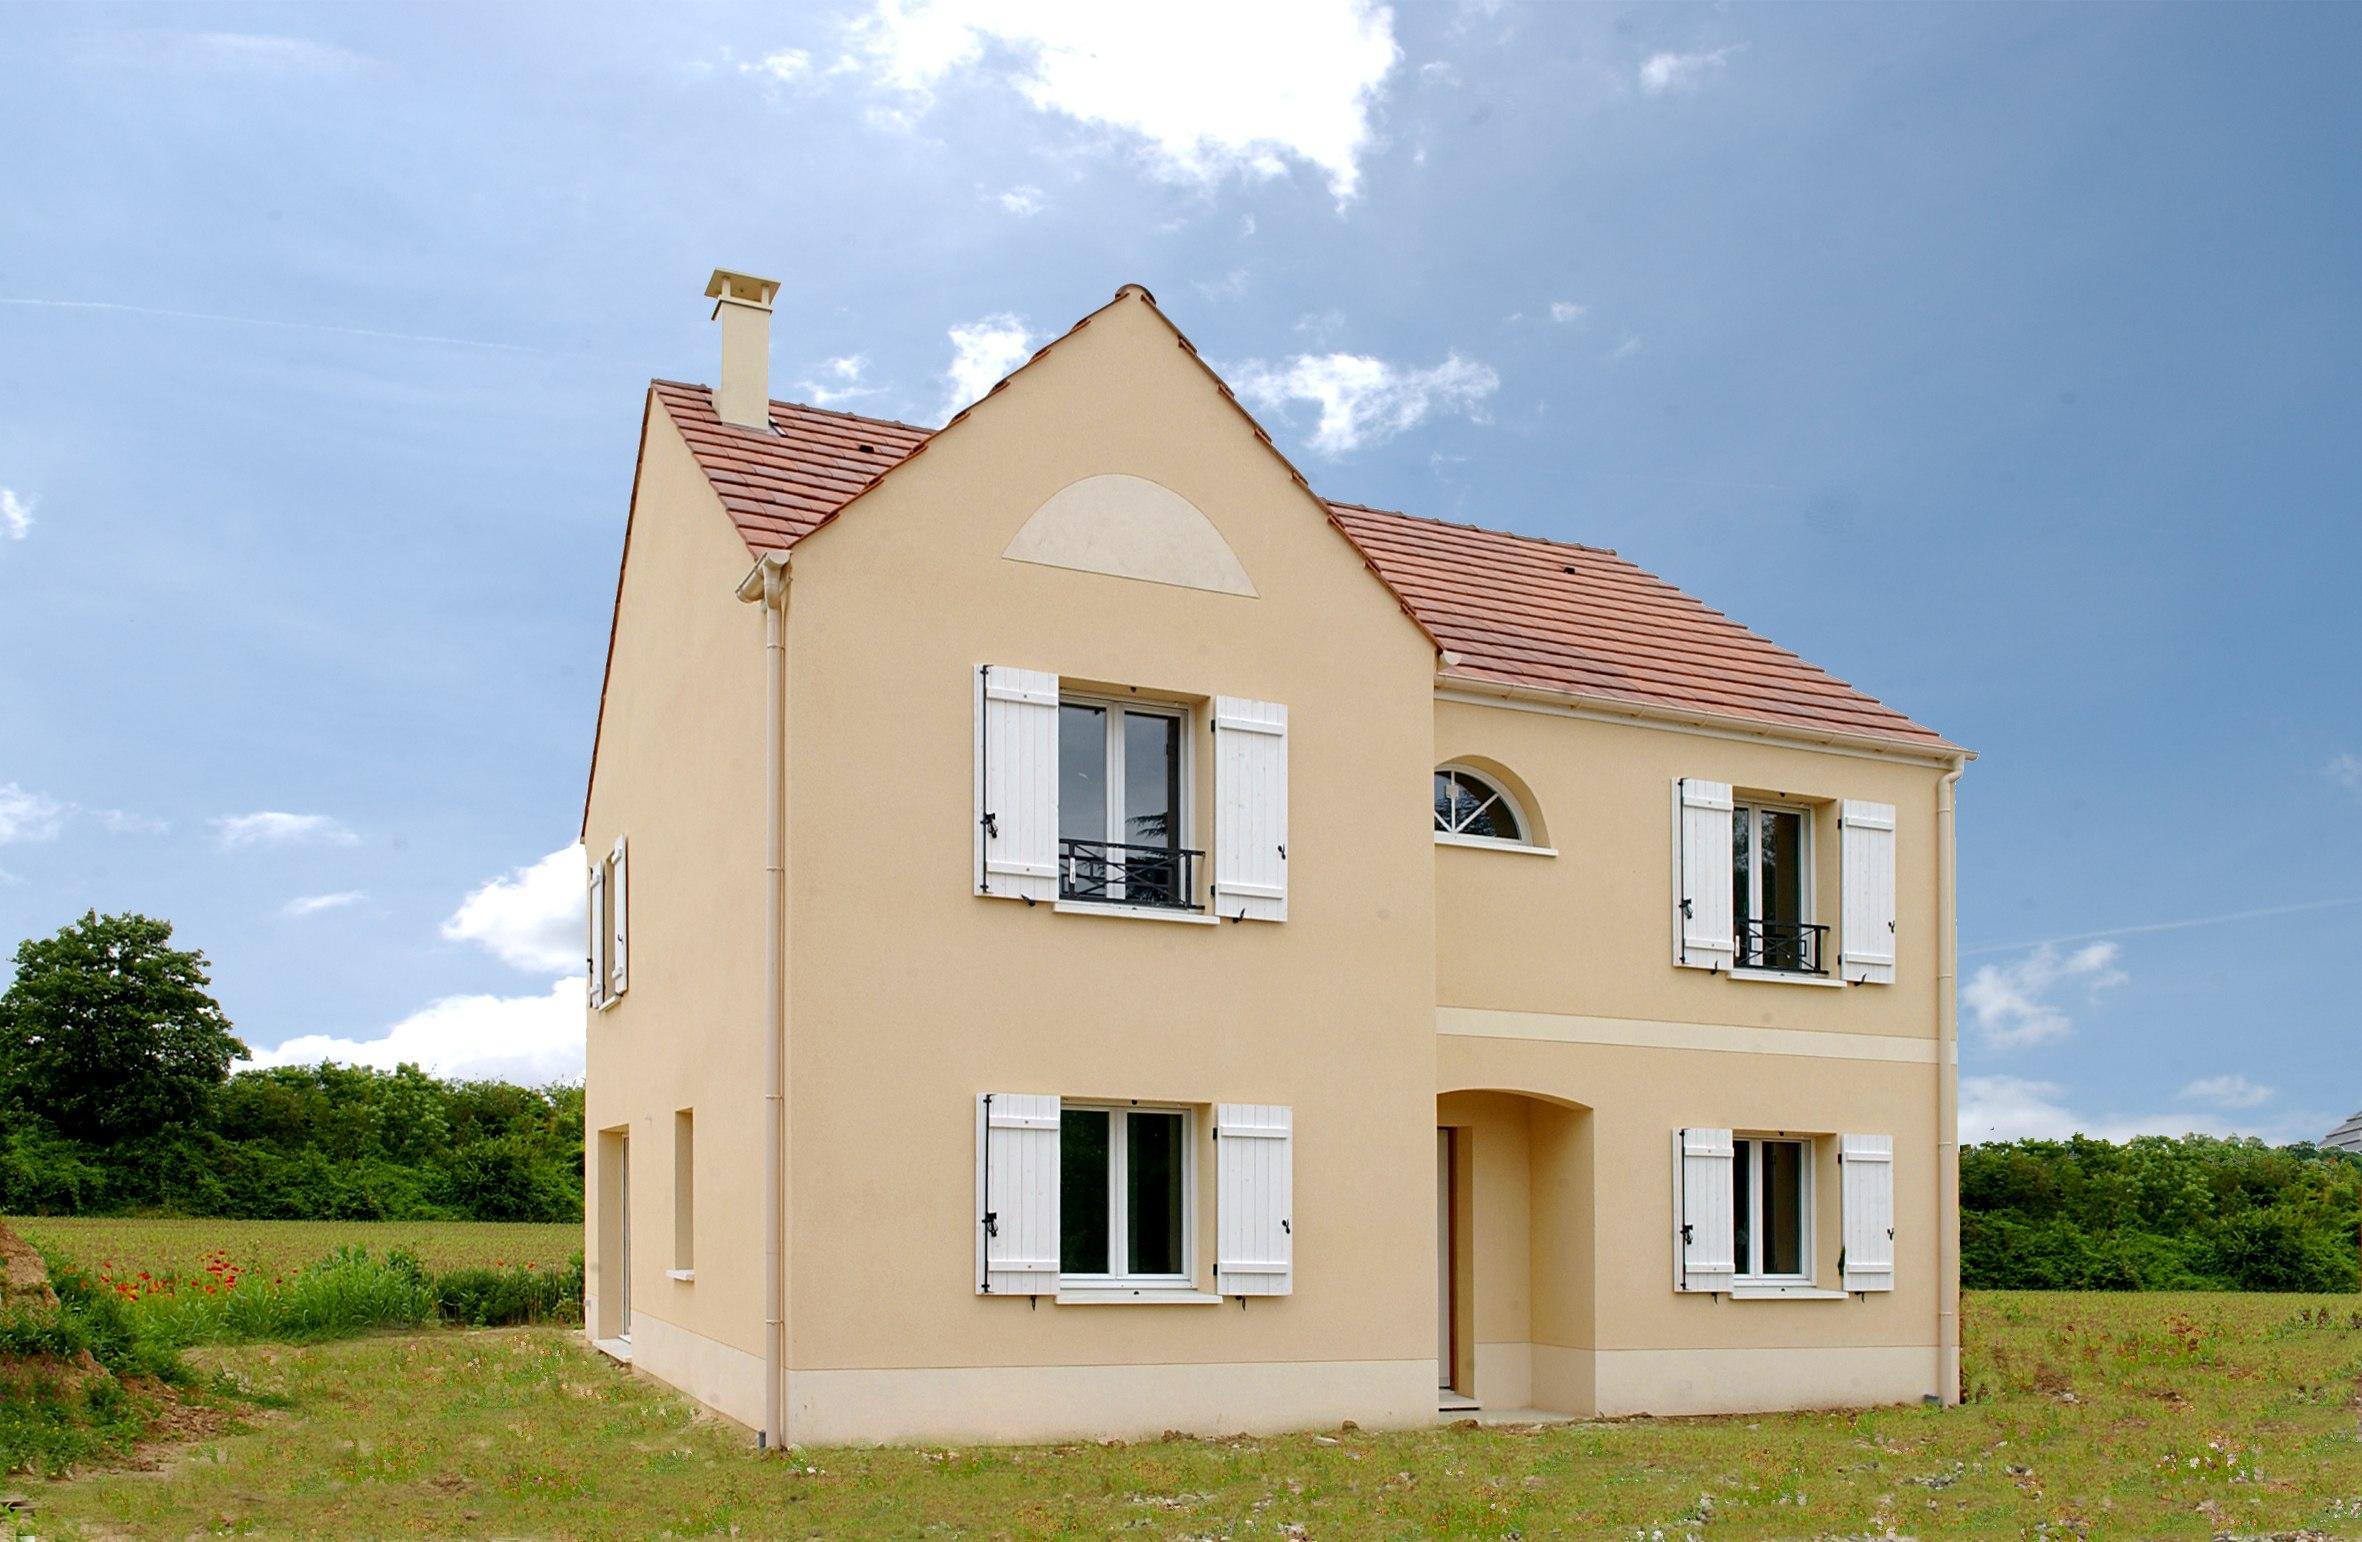 Maisons + Terrains du constructeur MAISONS SESAME • 140 m² • VILLECRESNES